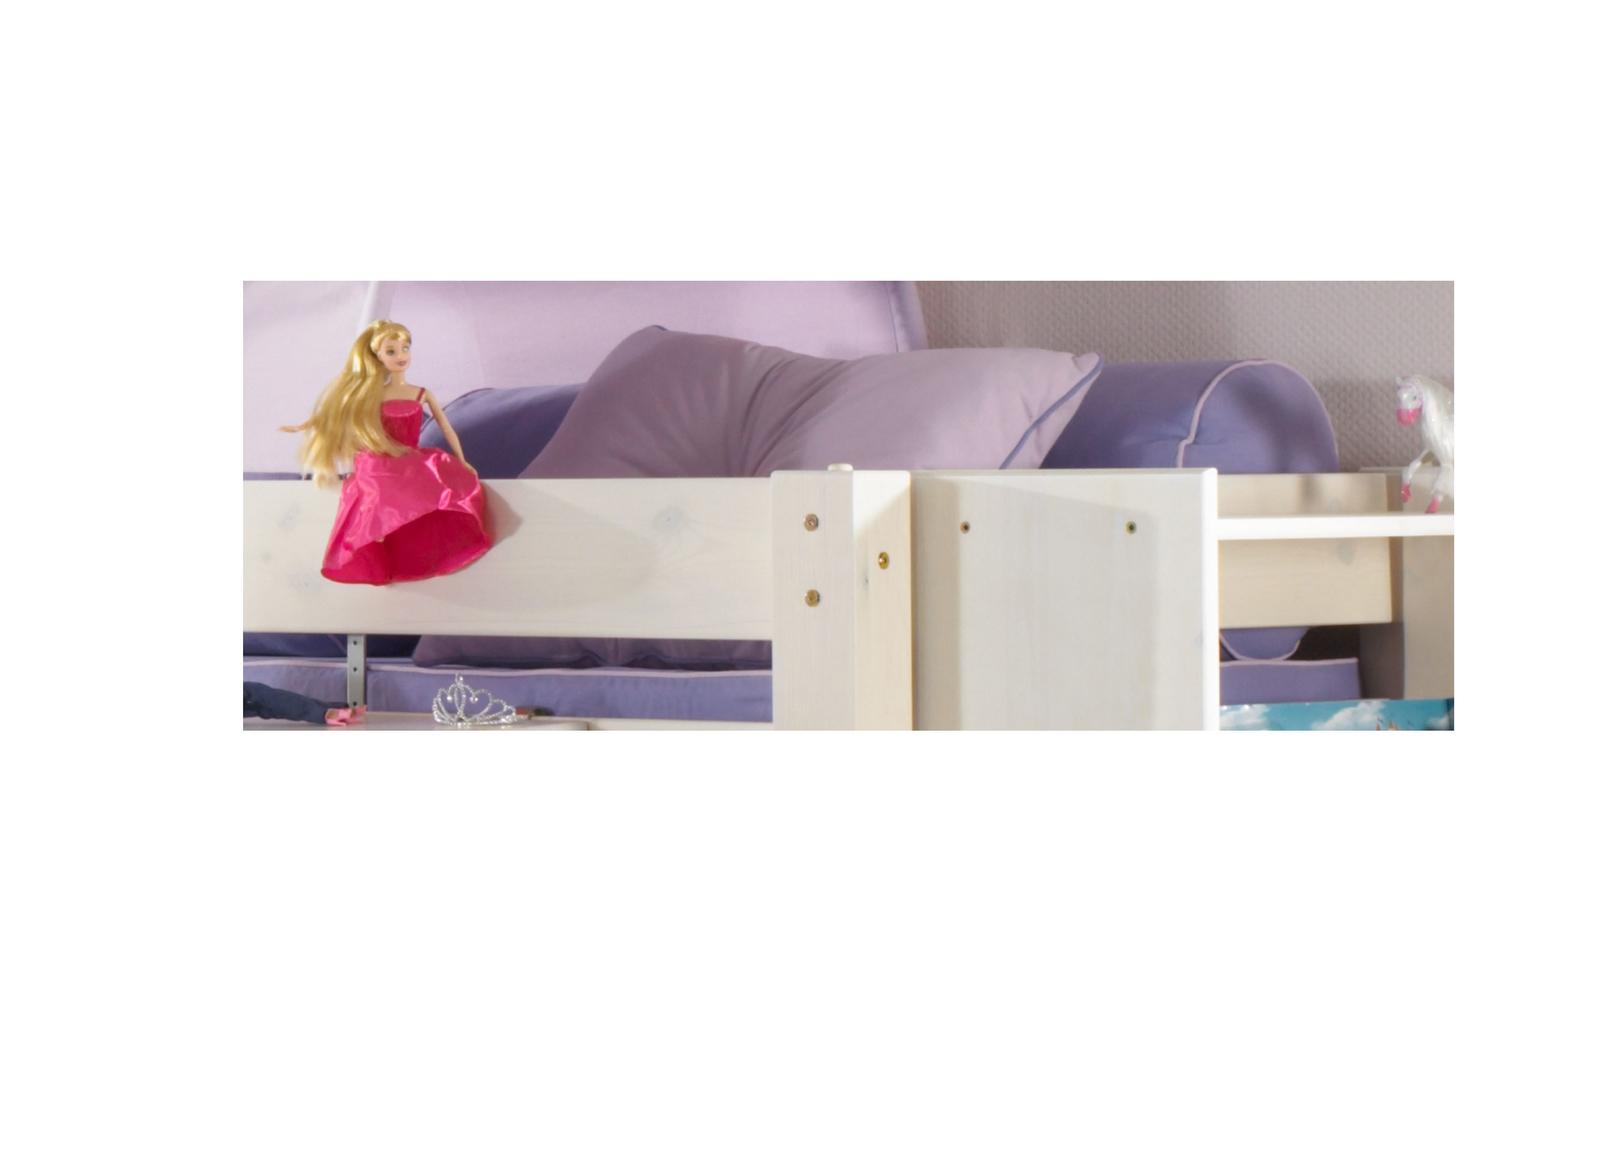 Dolphin Kinderzimmer Halbhochbett Lavendeltraum, Bild 12